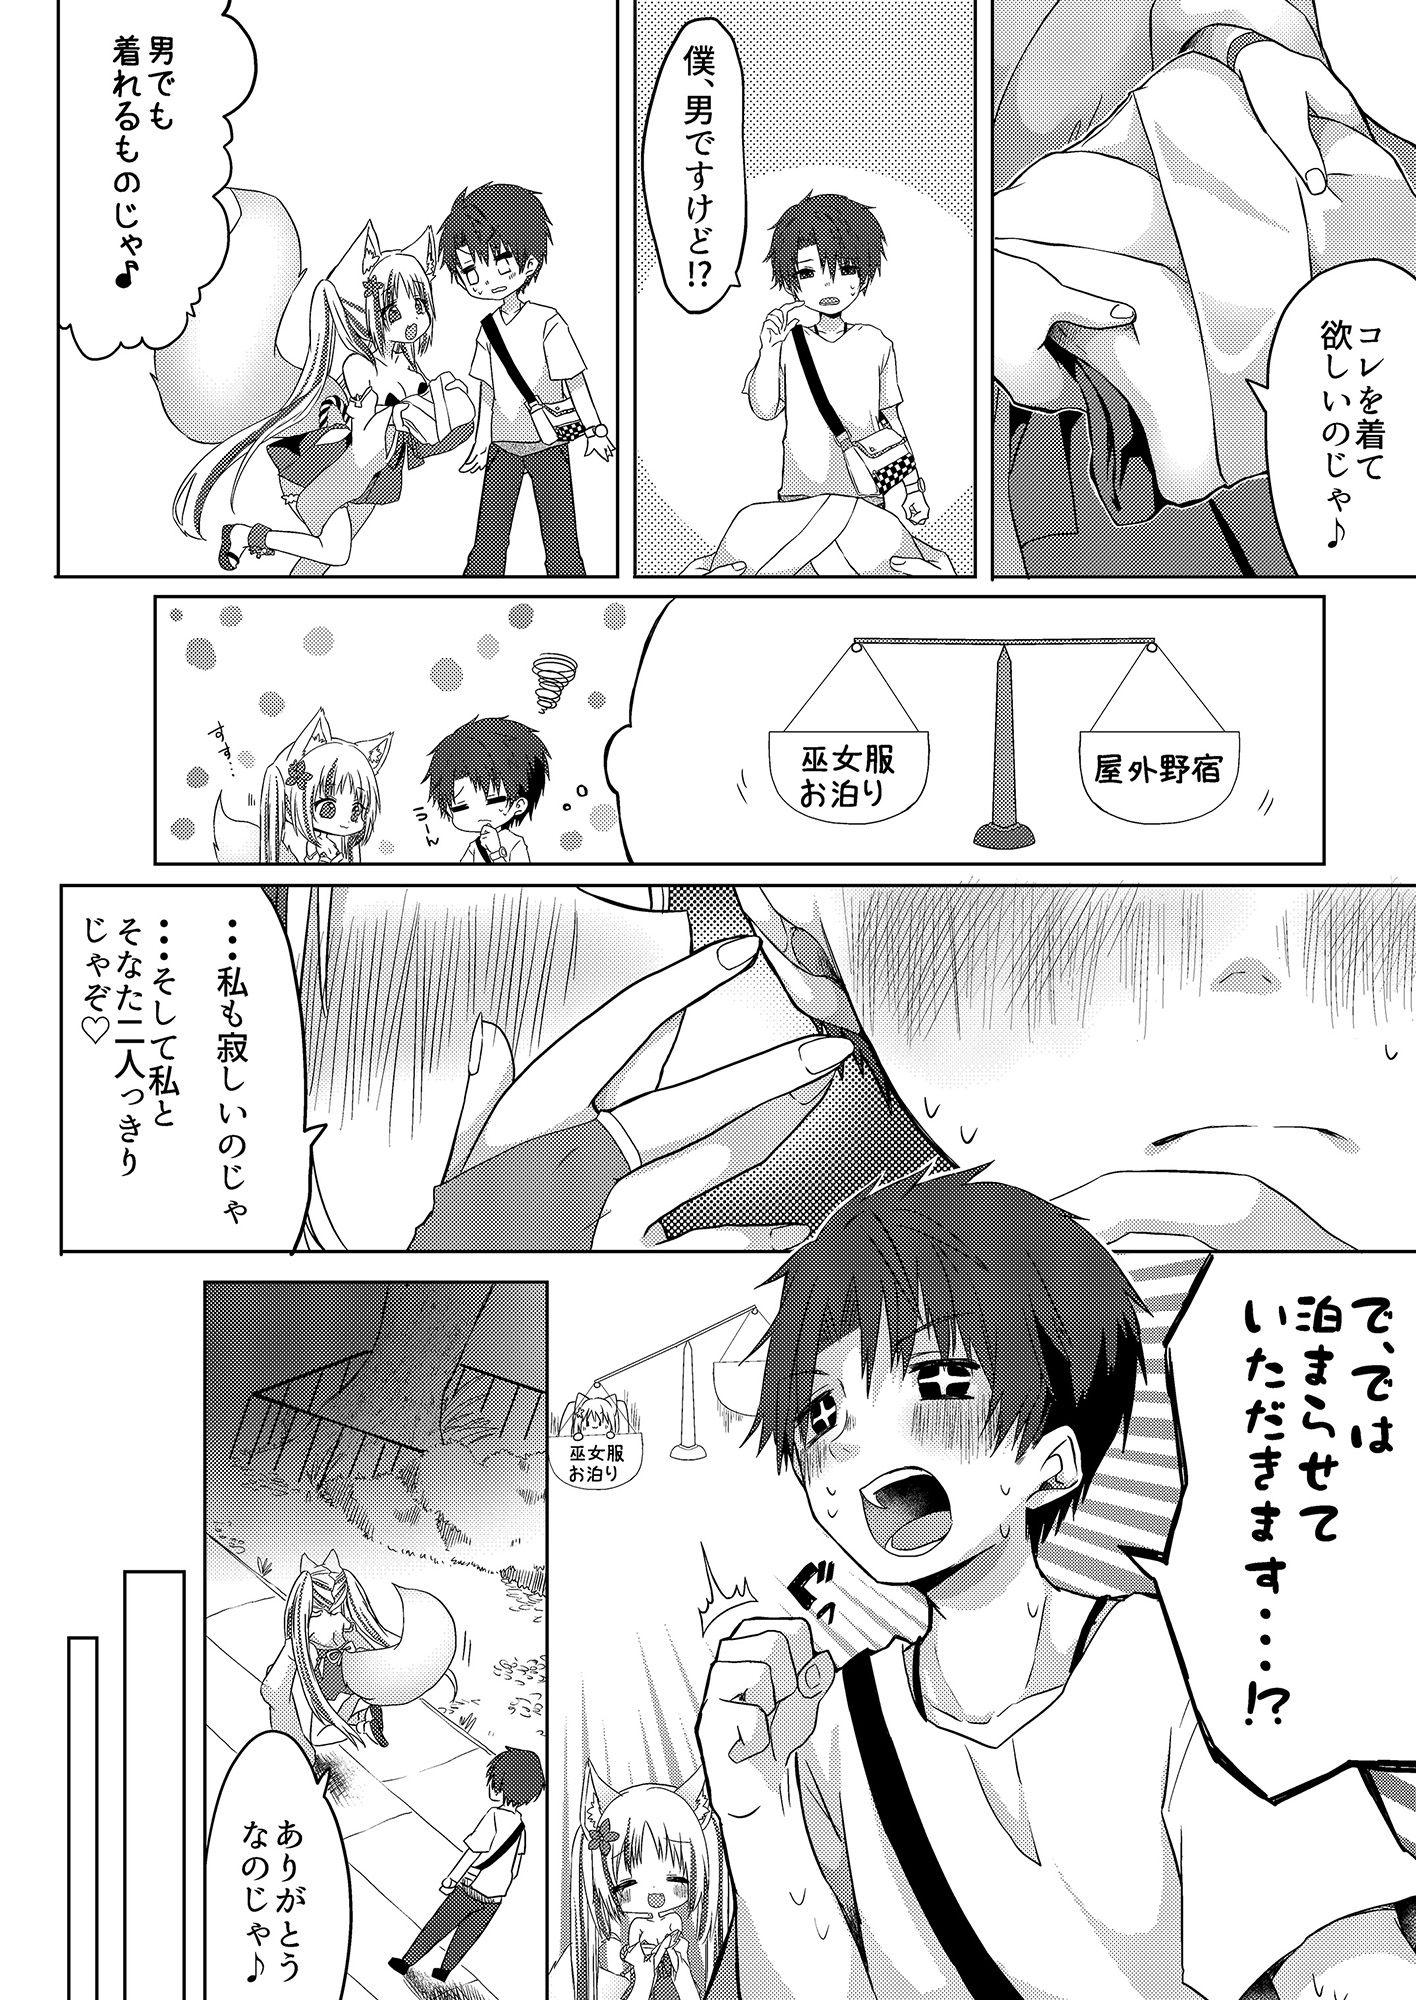 サンプル画像3:狐娘巫女一夜体験こーすっ?!(狐梅珈琲店) [d_193456]